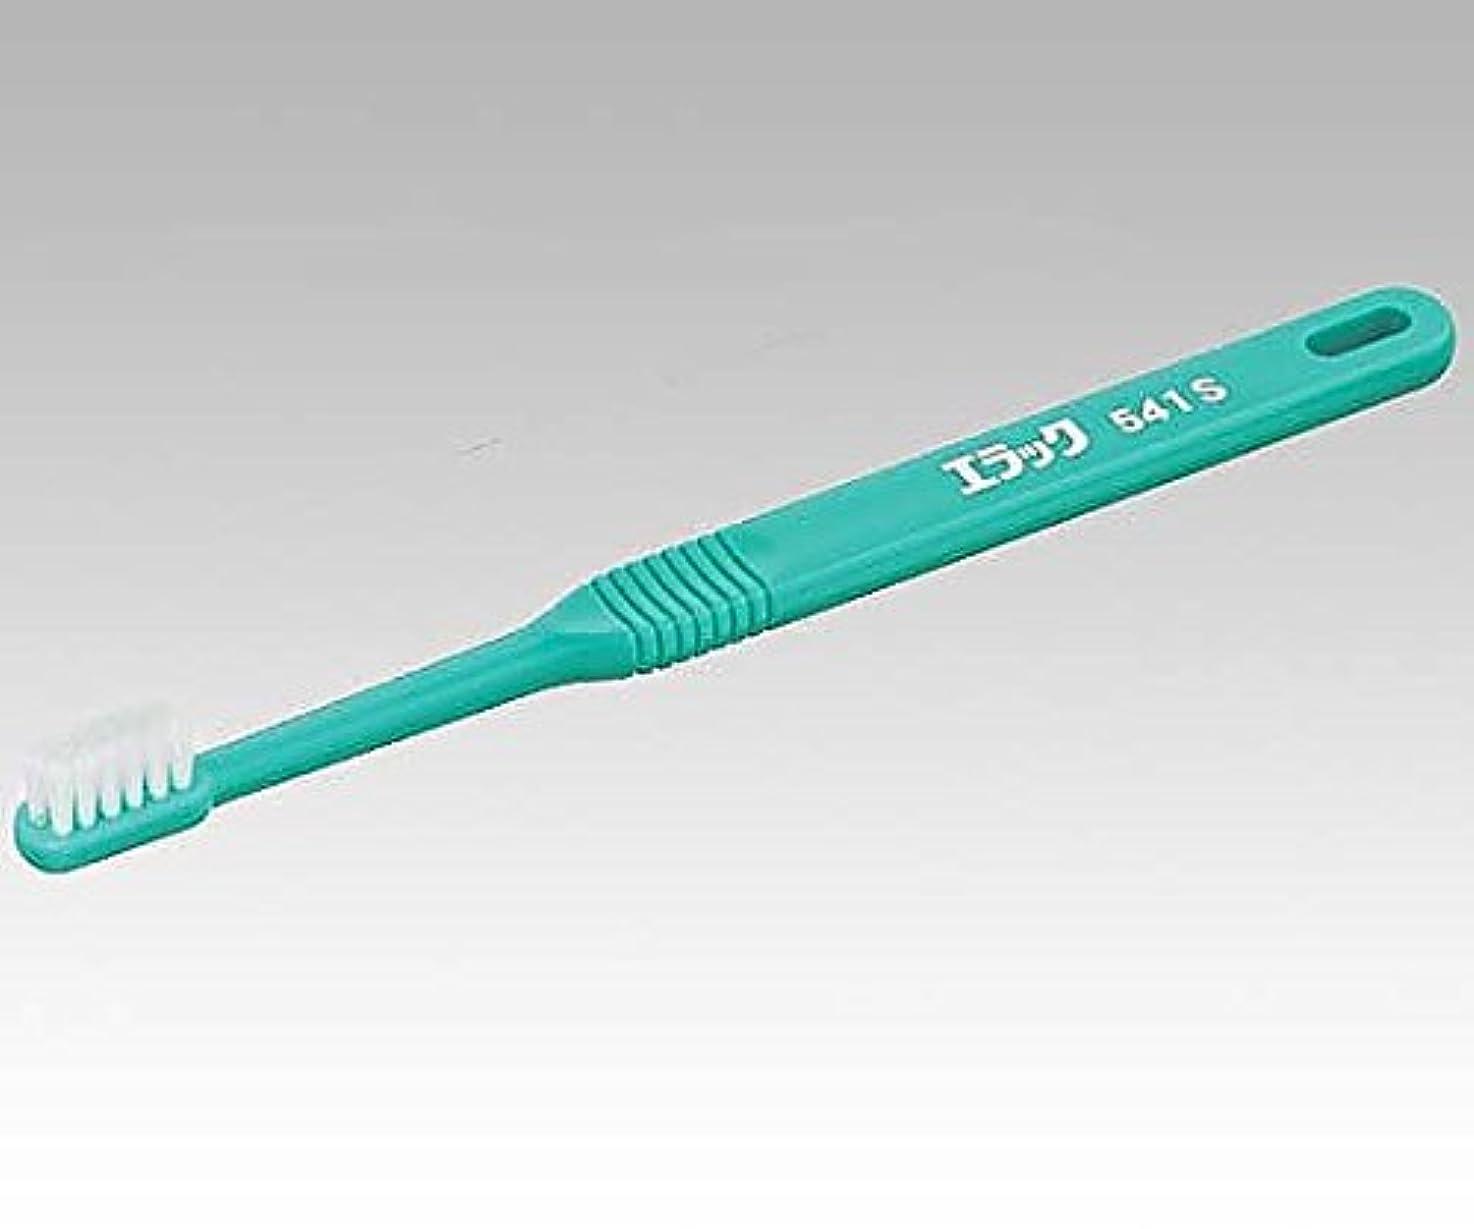 ペグ戦いオセアニアライオン8-7892-03介助用歯ブラシ(ソフト)